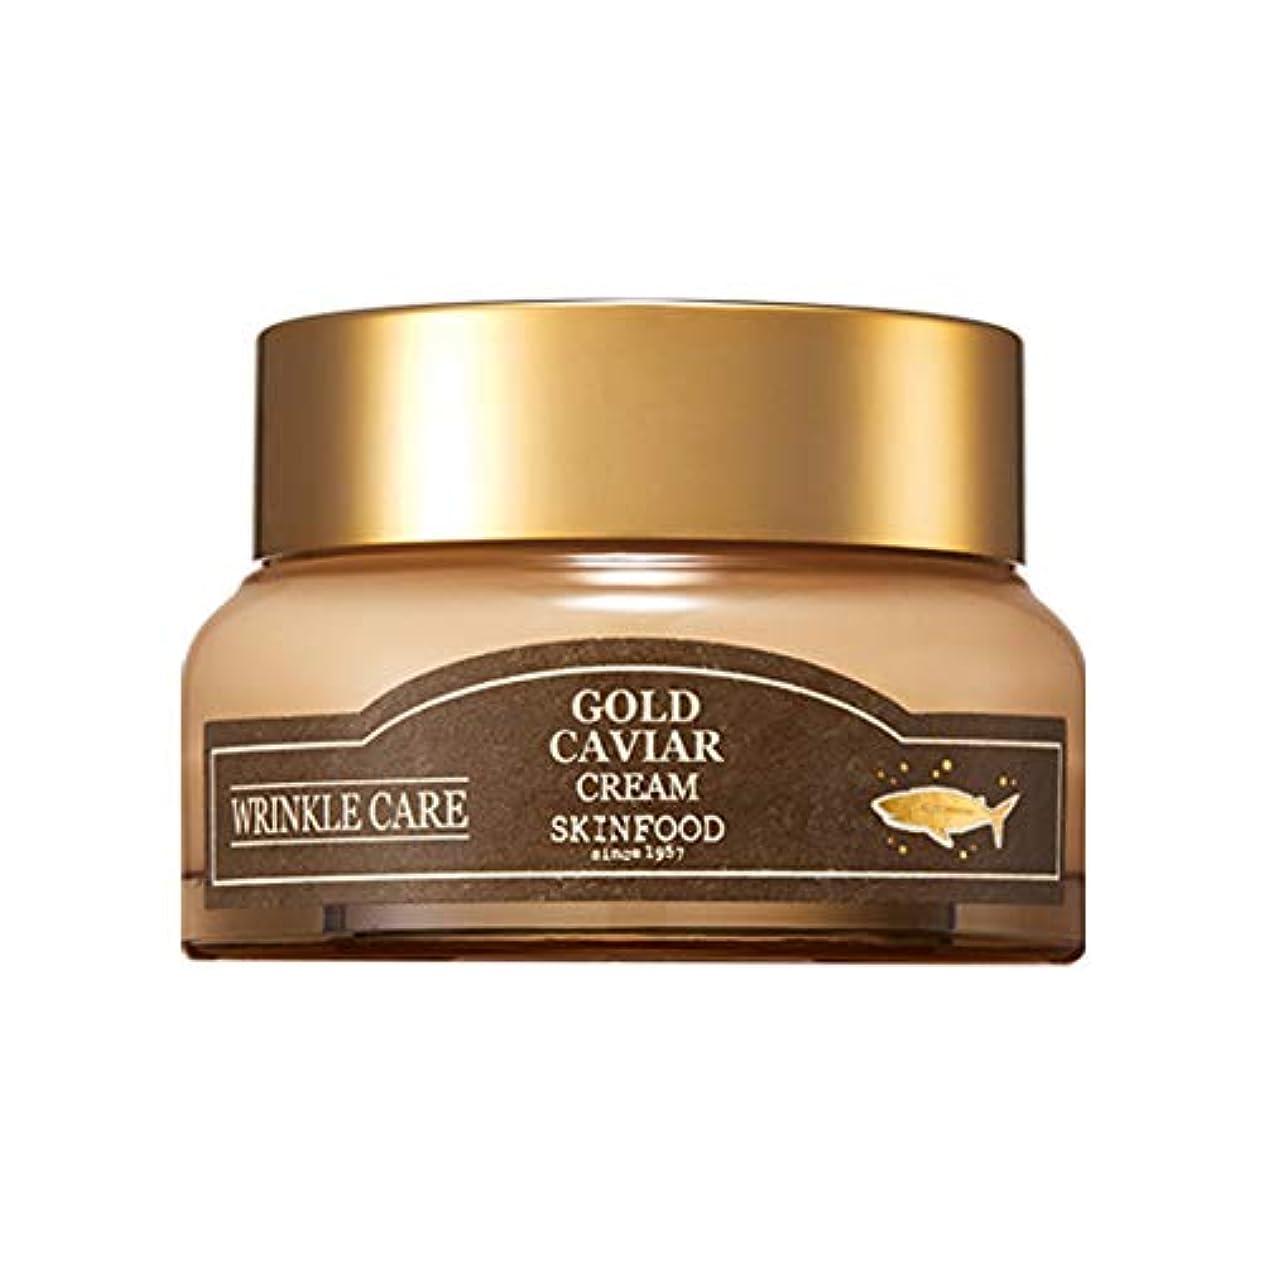 租界もっともらしいスラッシュSkinfood ゴールドキャビアクリーム[しわケア用化粧品] / Gold Caviar Cream [Cosmeceutical for wrinkle care] 54ml [並行輸入品]